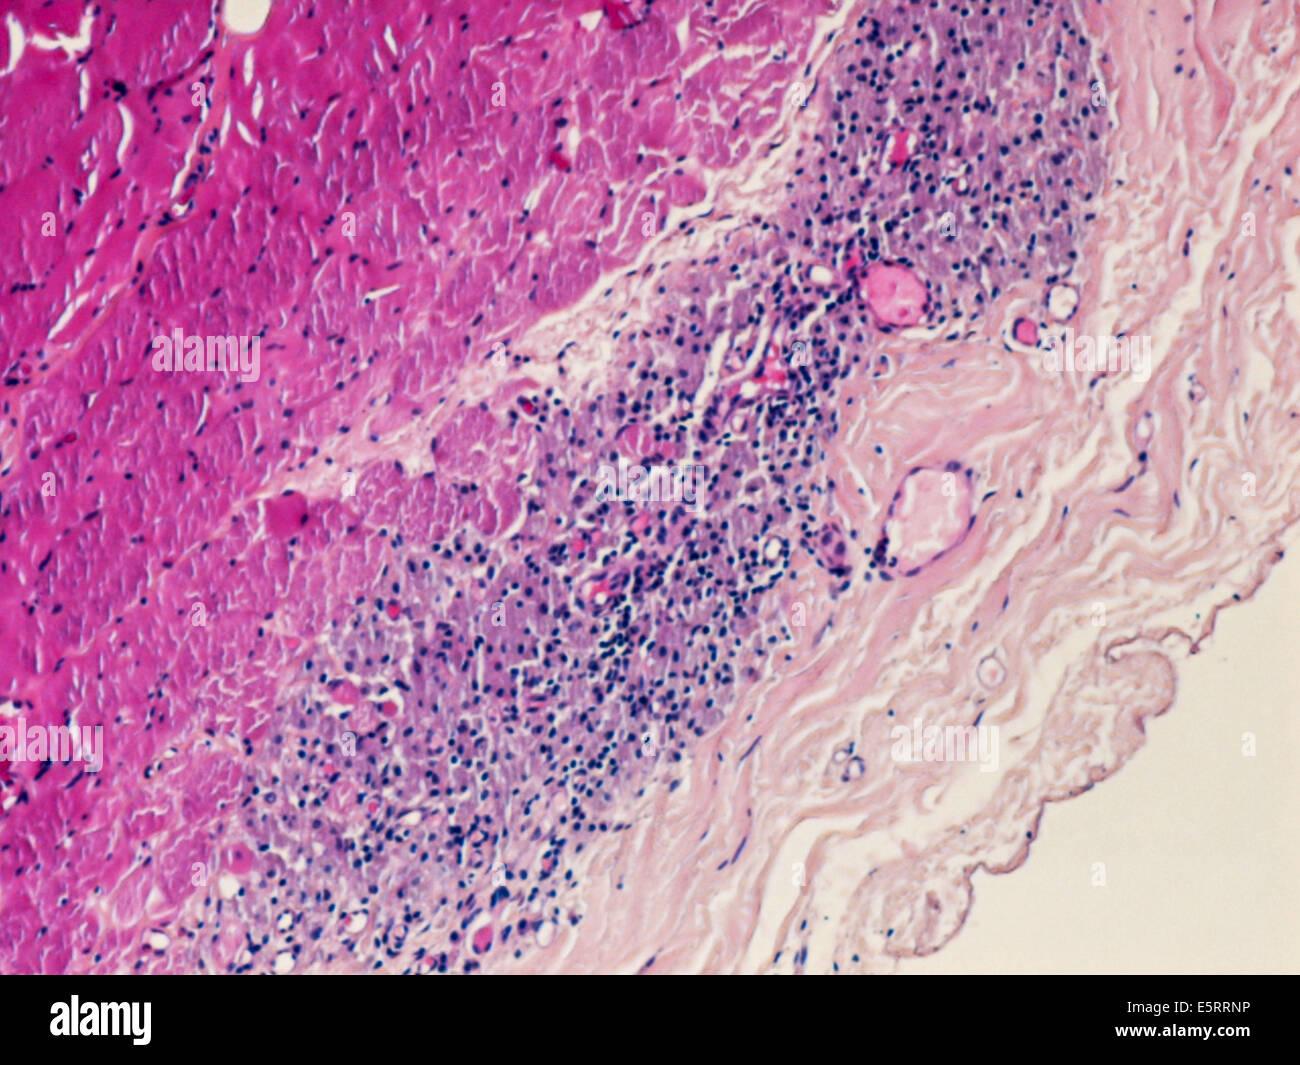 Micrografia di luce di una sezione attraverso il tessuto da un muscolo deltoide biopsia che mostra un macrophagic myofasciitis post-vaccinazione. Foto Stock